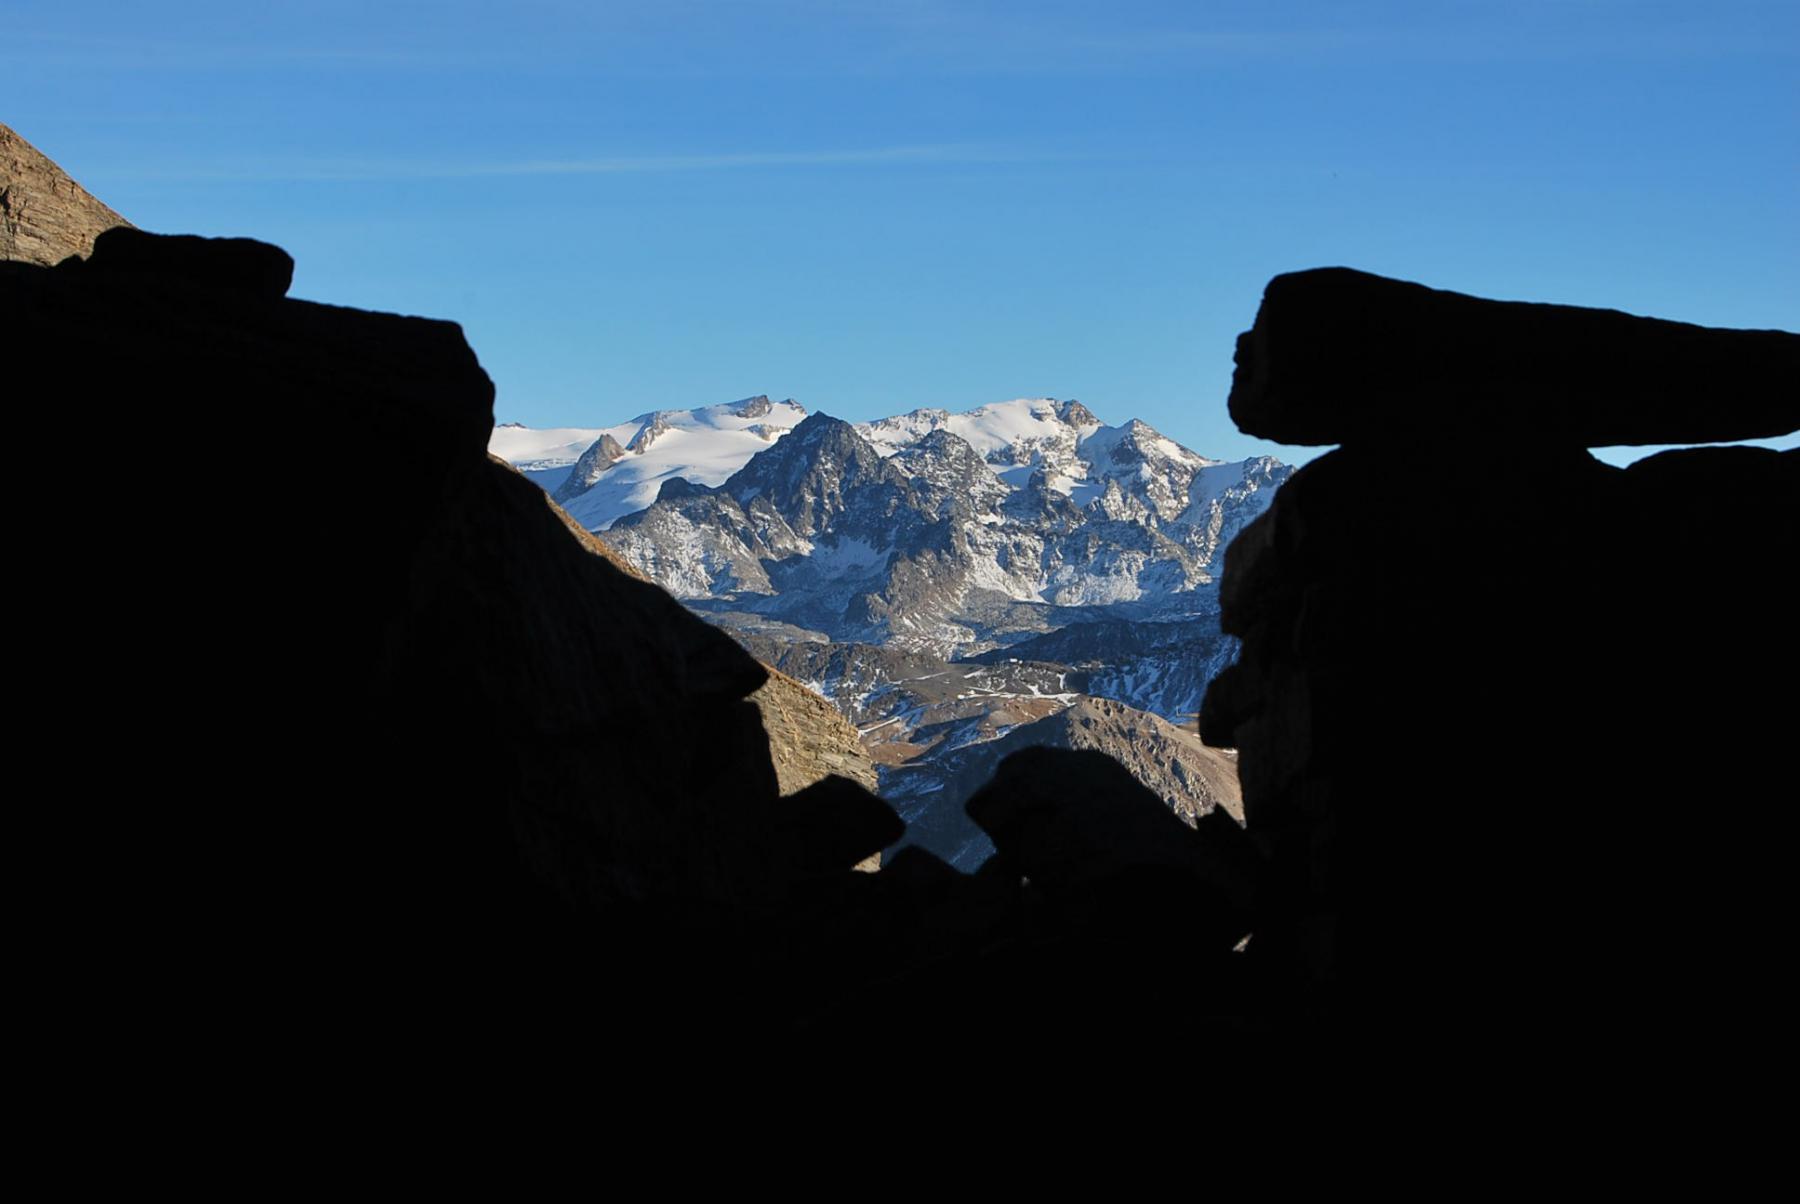 Il Rutor dall'interno dell'Alpe di Crotti